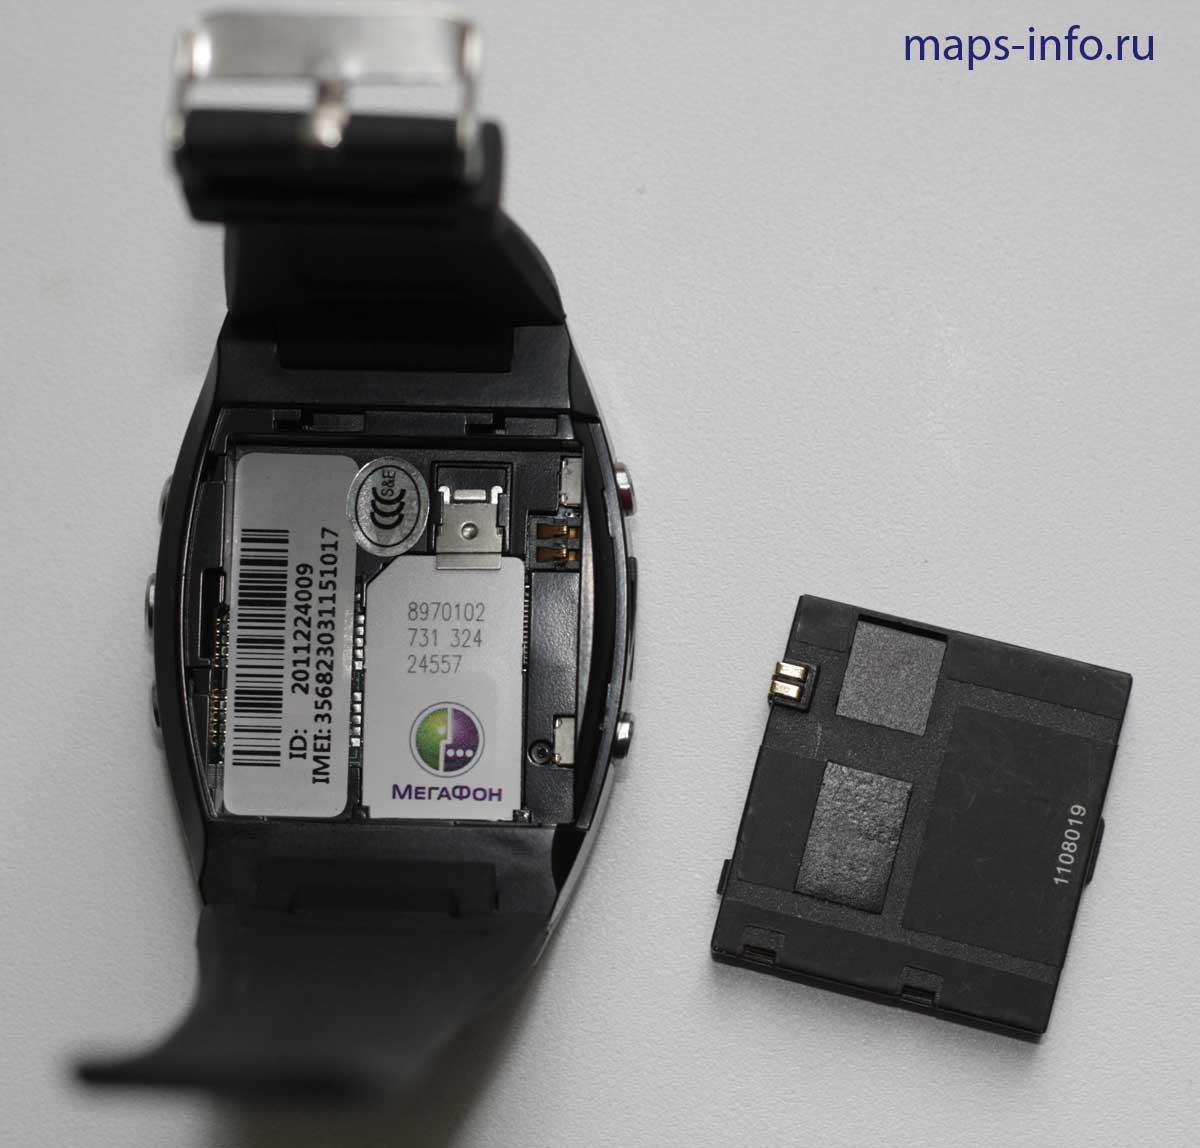 Спутниковый наручный GPS трекер CRT19N со снятой нижней крышкой, где вставляется аккумулятор и СИМ карта.